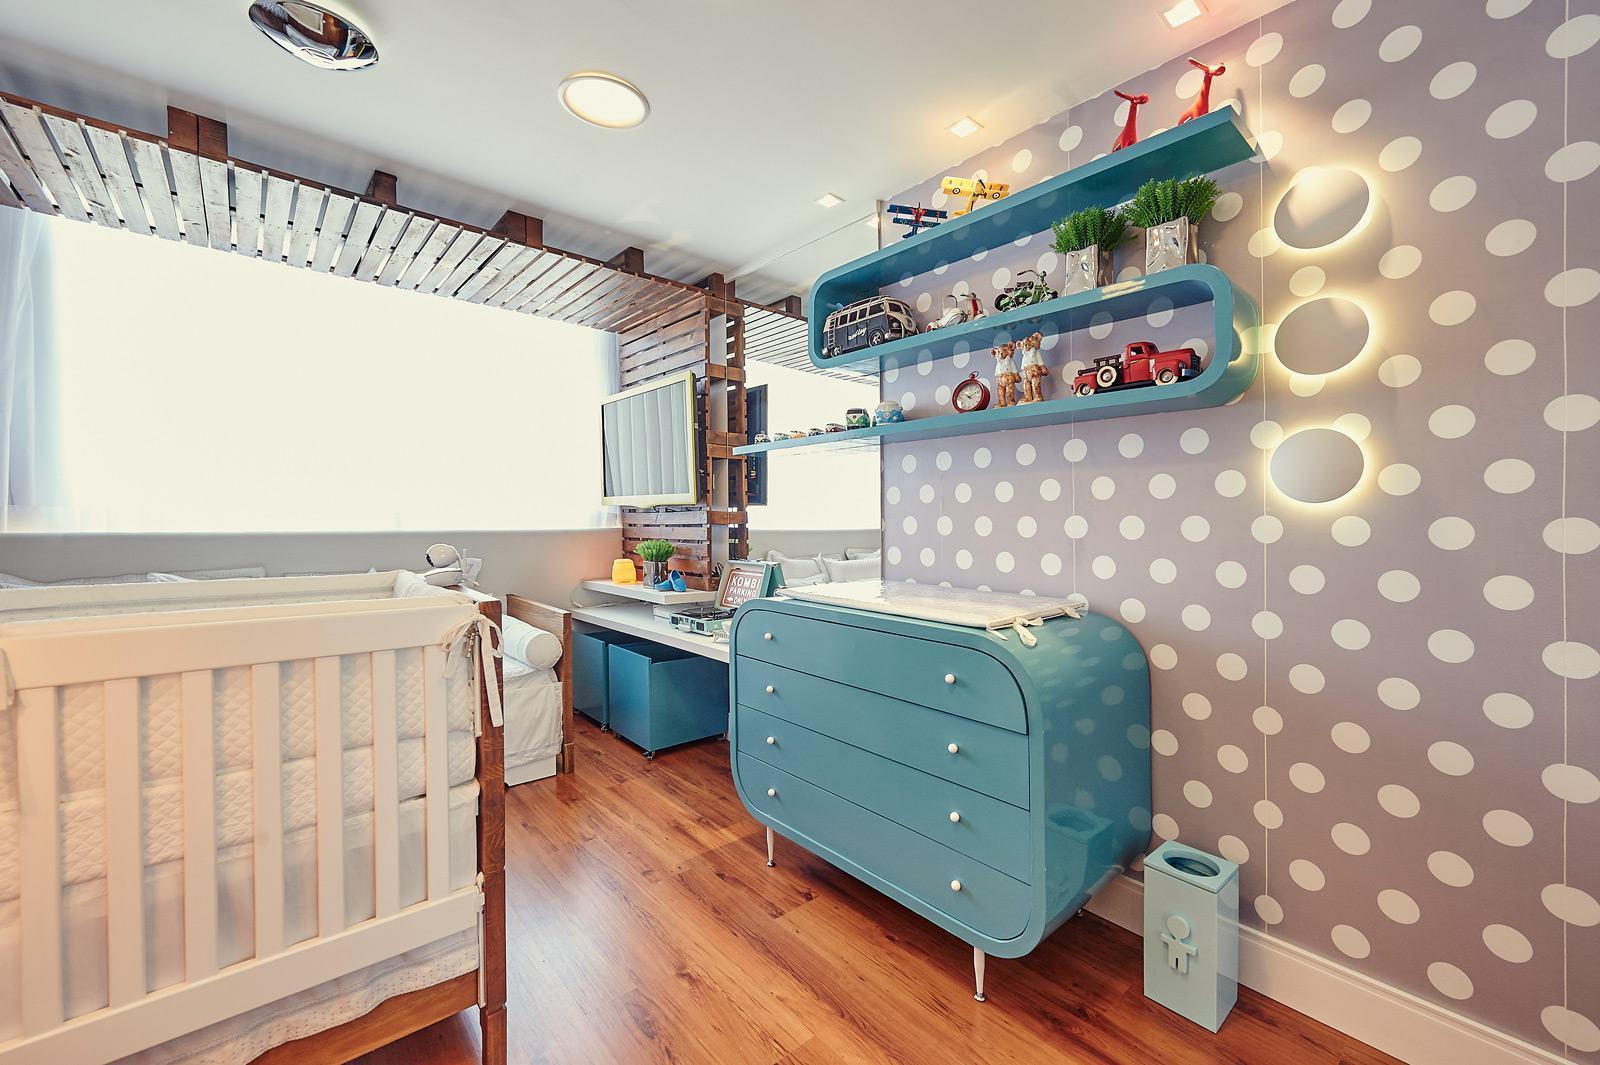 quarto de bebê azul e cinza com bolinhas